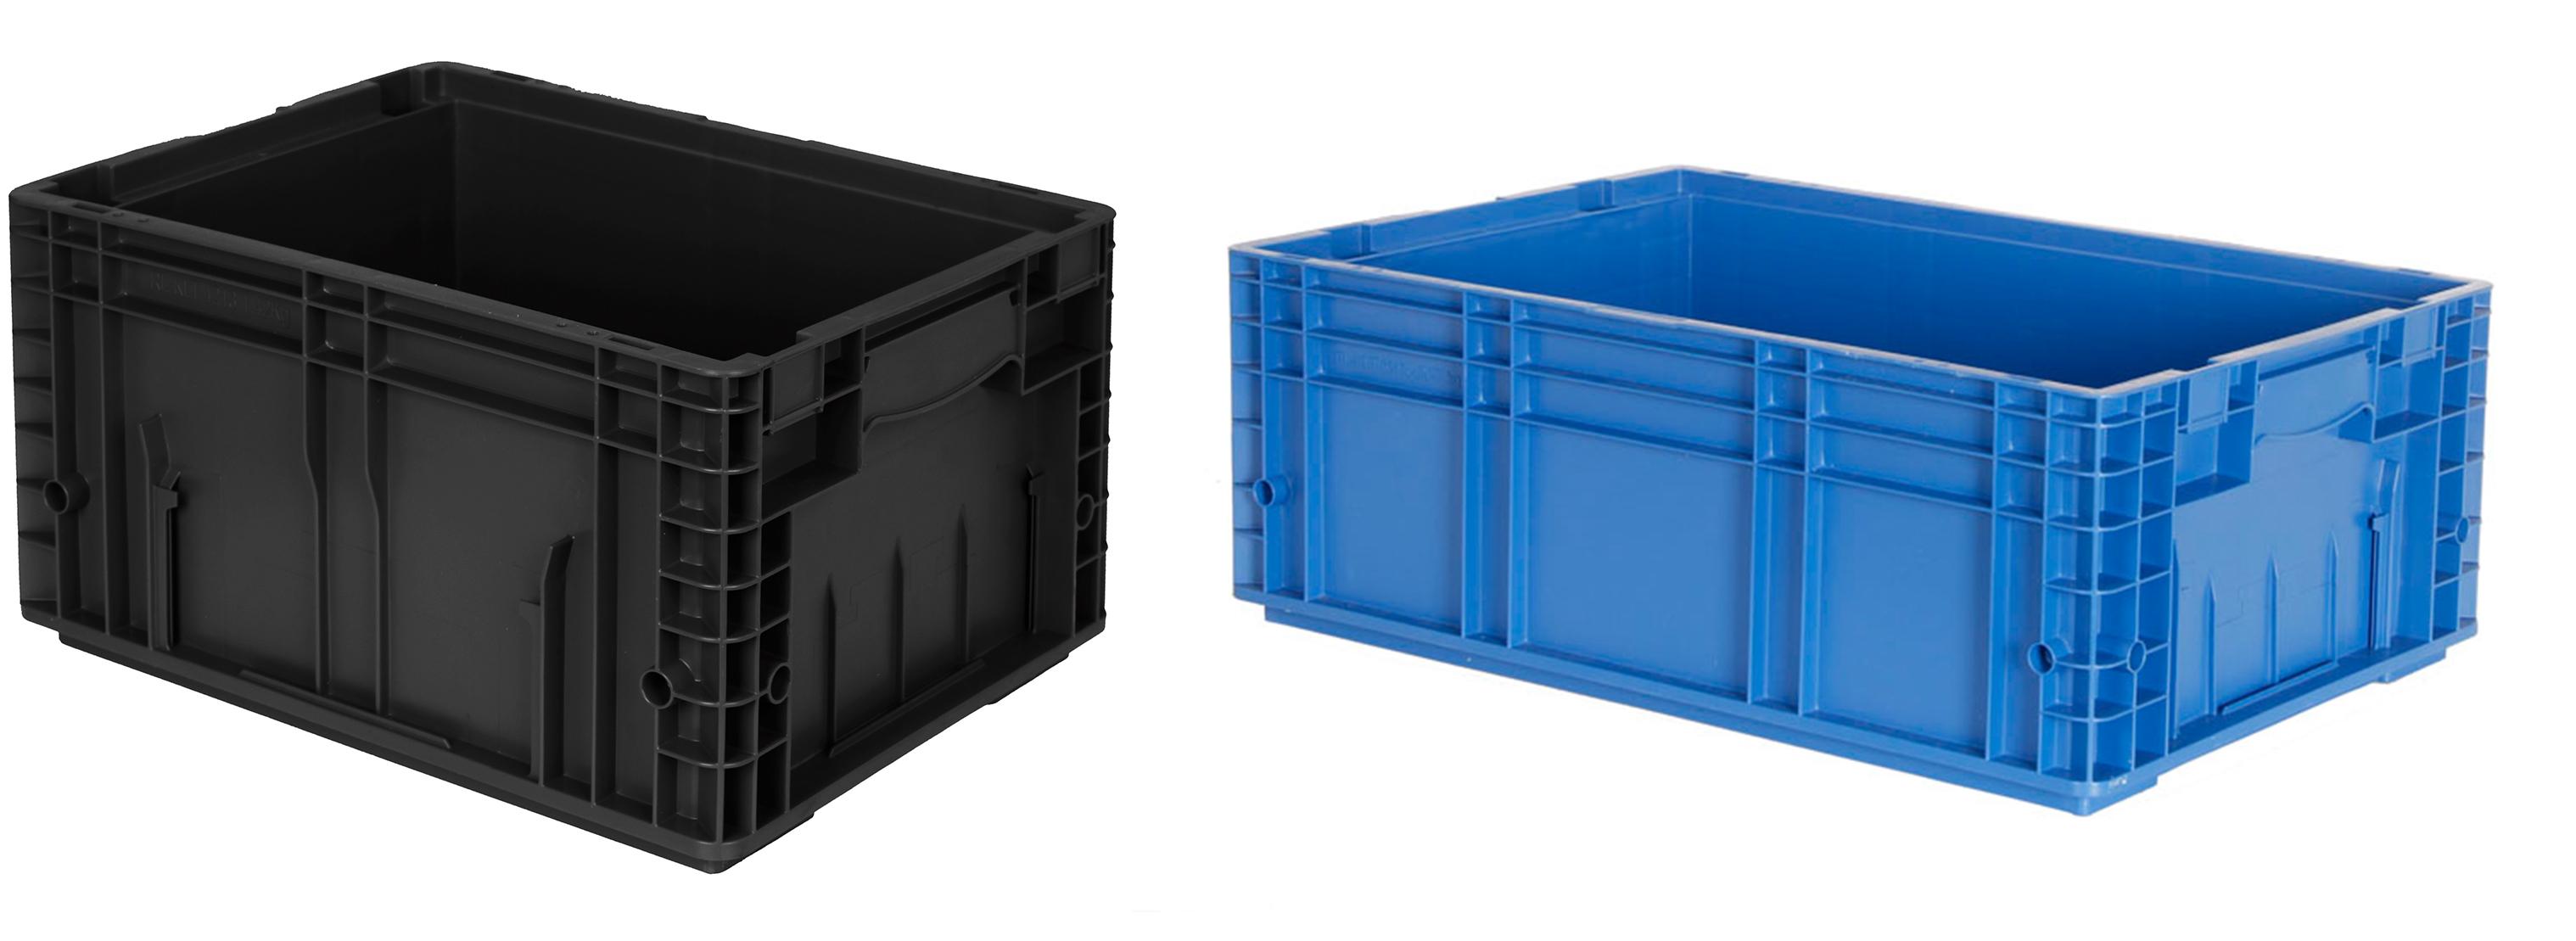 VDA RL-KLT Kleinladungsträger aus Kunststoff